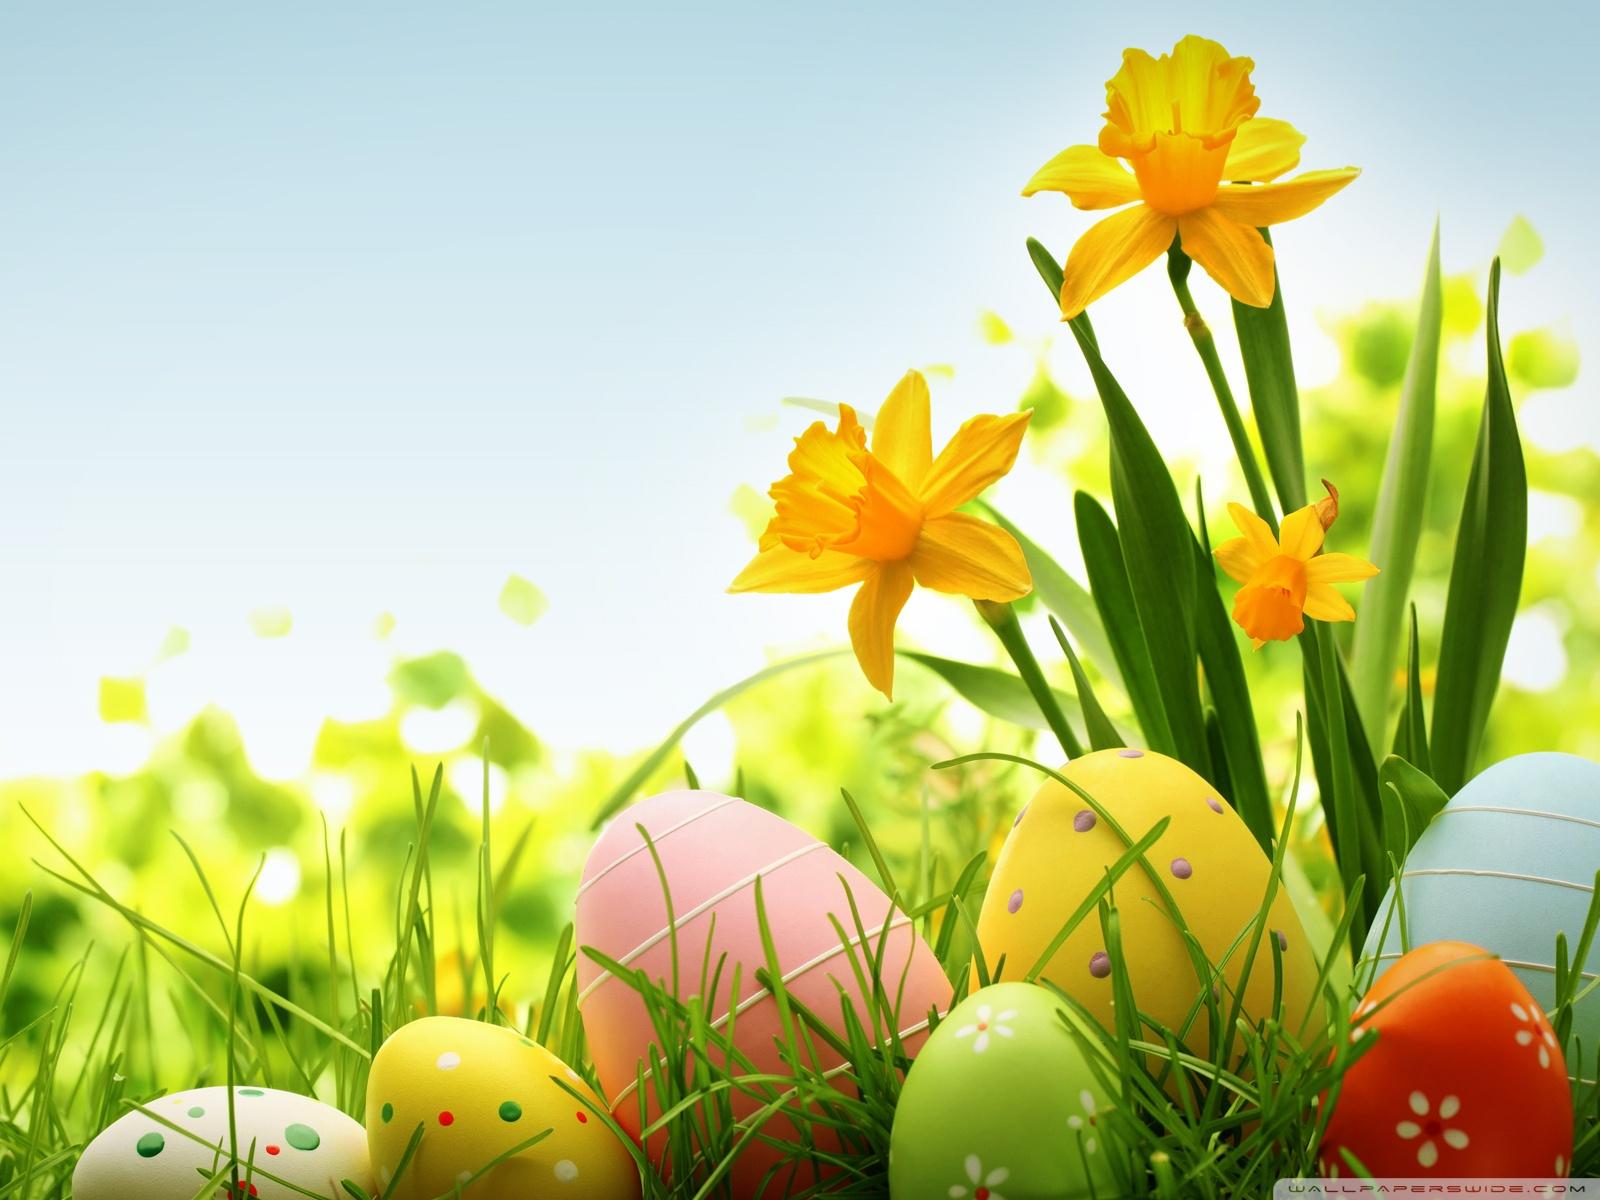 Easter Wallpaper 22   1600 X 1200 stmednet 1600x1200